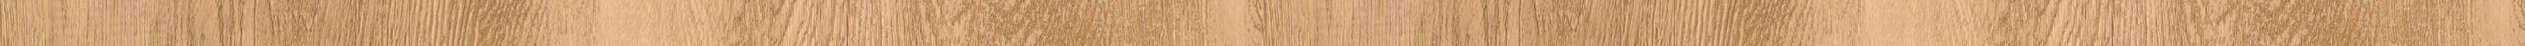 Tira de madera